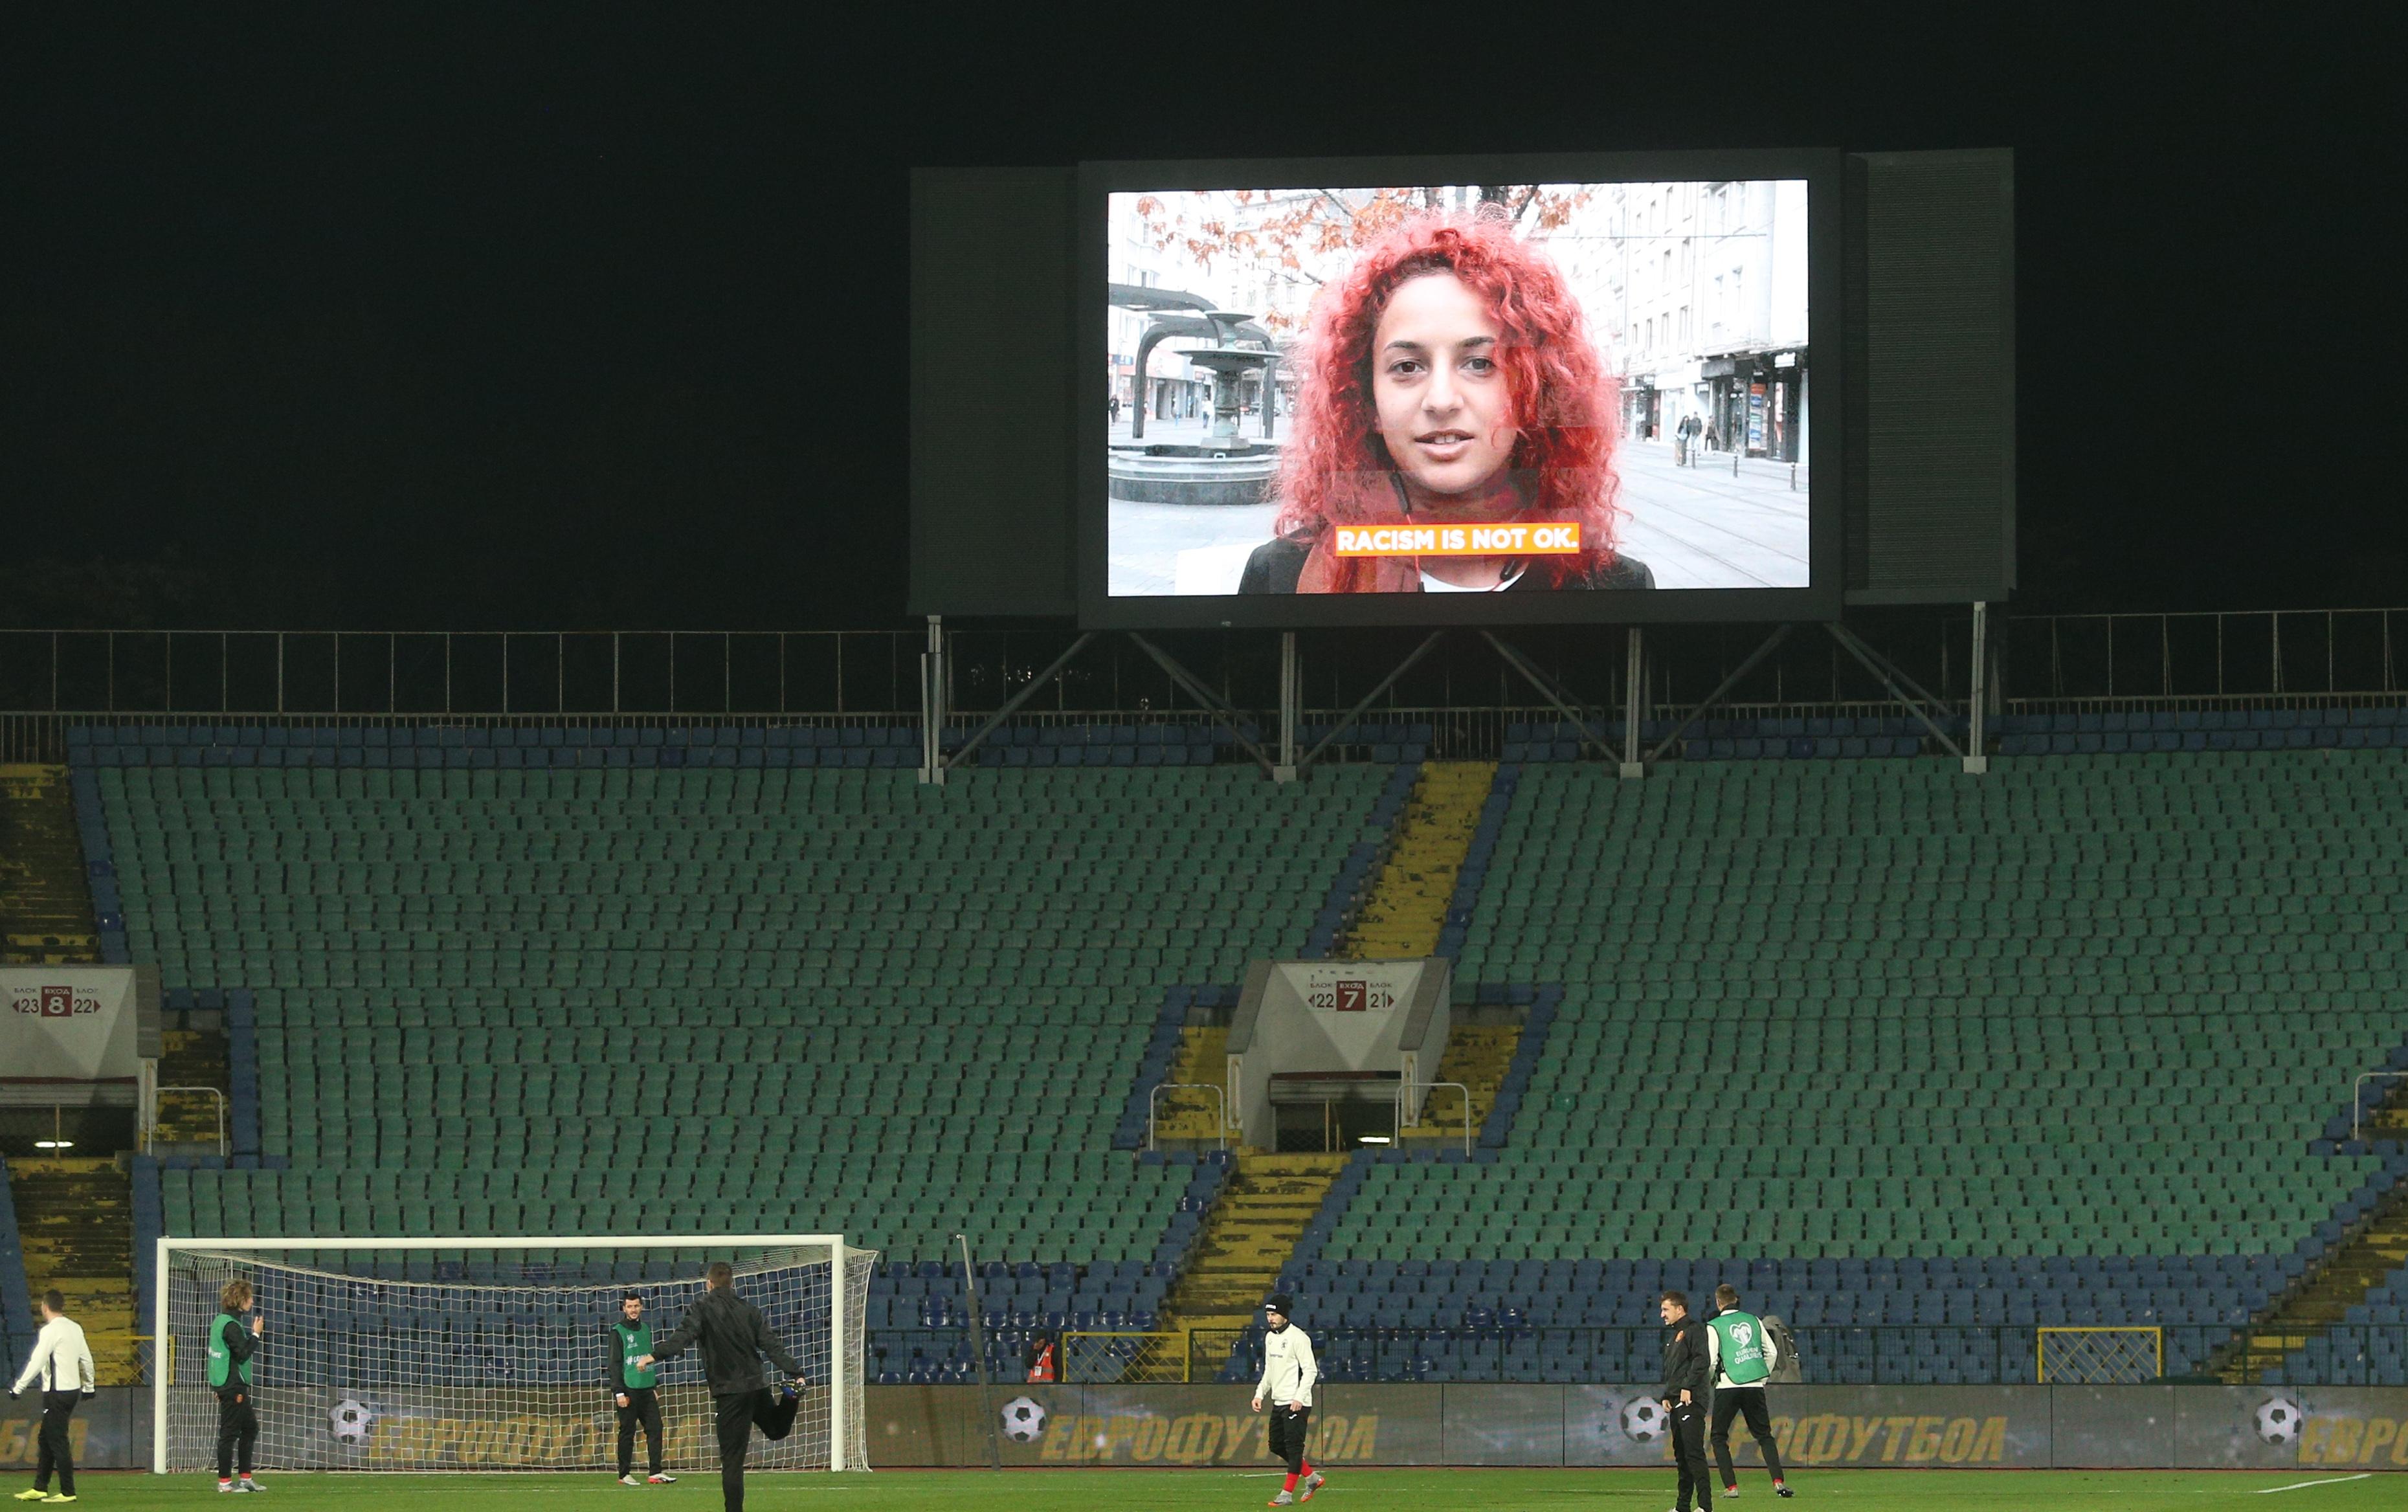 Послания срещу расизма във футбола от български фенове бяха излъчени